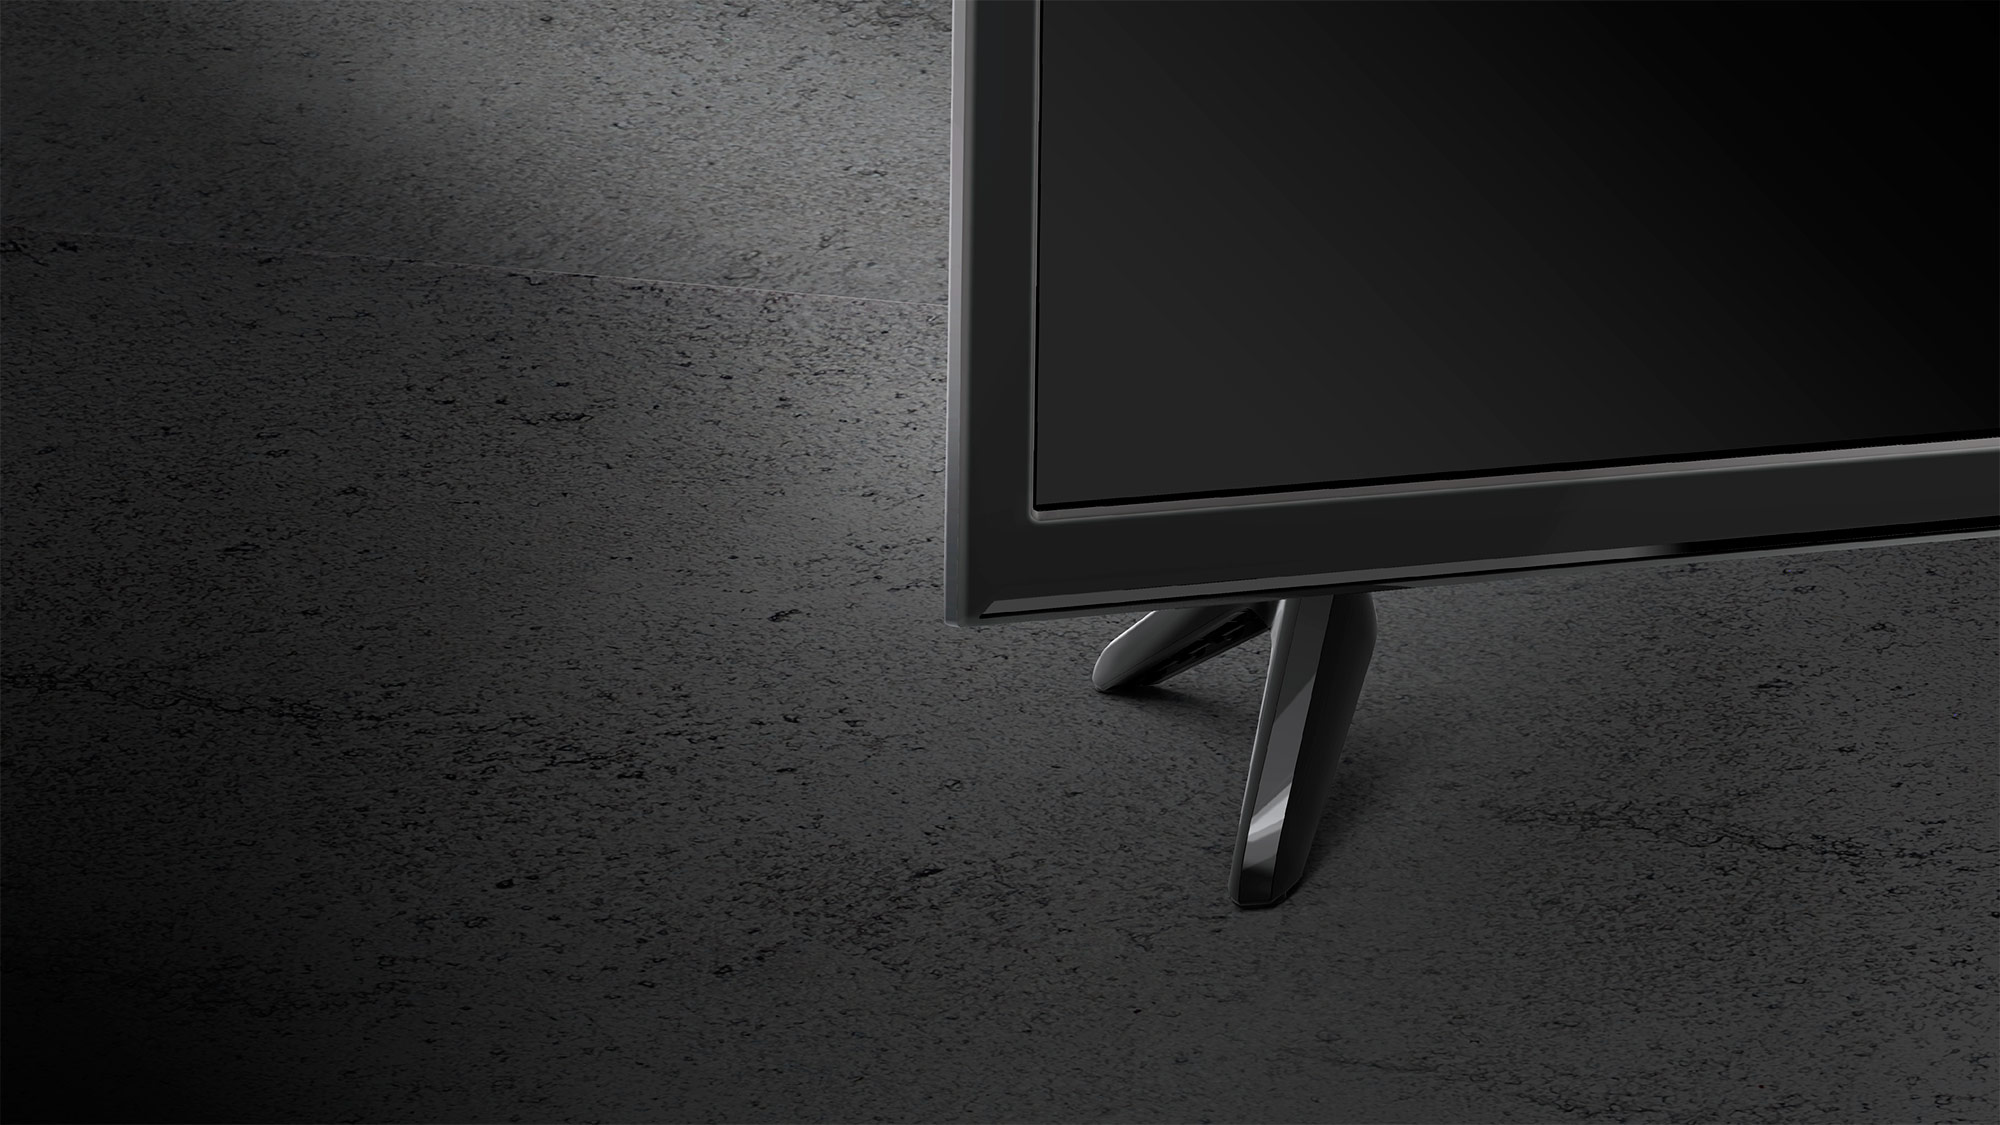 Dzięki smukłej konstrukcji telewizor Kruger&Matz będzie prezentował się doskonale, niezależnie czy postawisz go na szafce czy zamontujesz na ścianie. Co więcej, obudowa w odcieniu stonowanej czerni nadaje mu stylu, sprawiając że będzie on doskonale współgrał z wystrojem Twojego salonu.